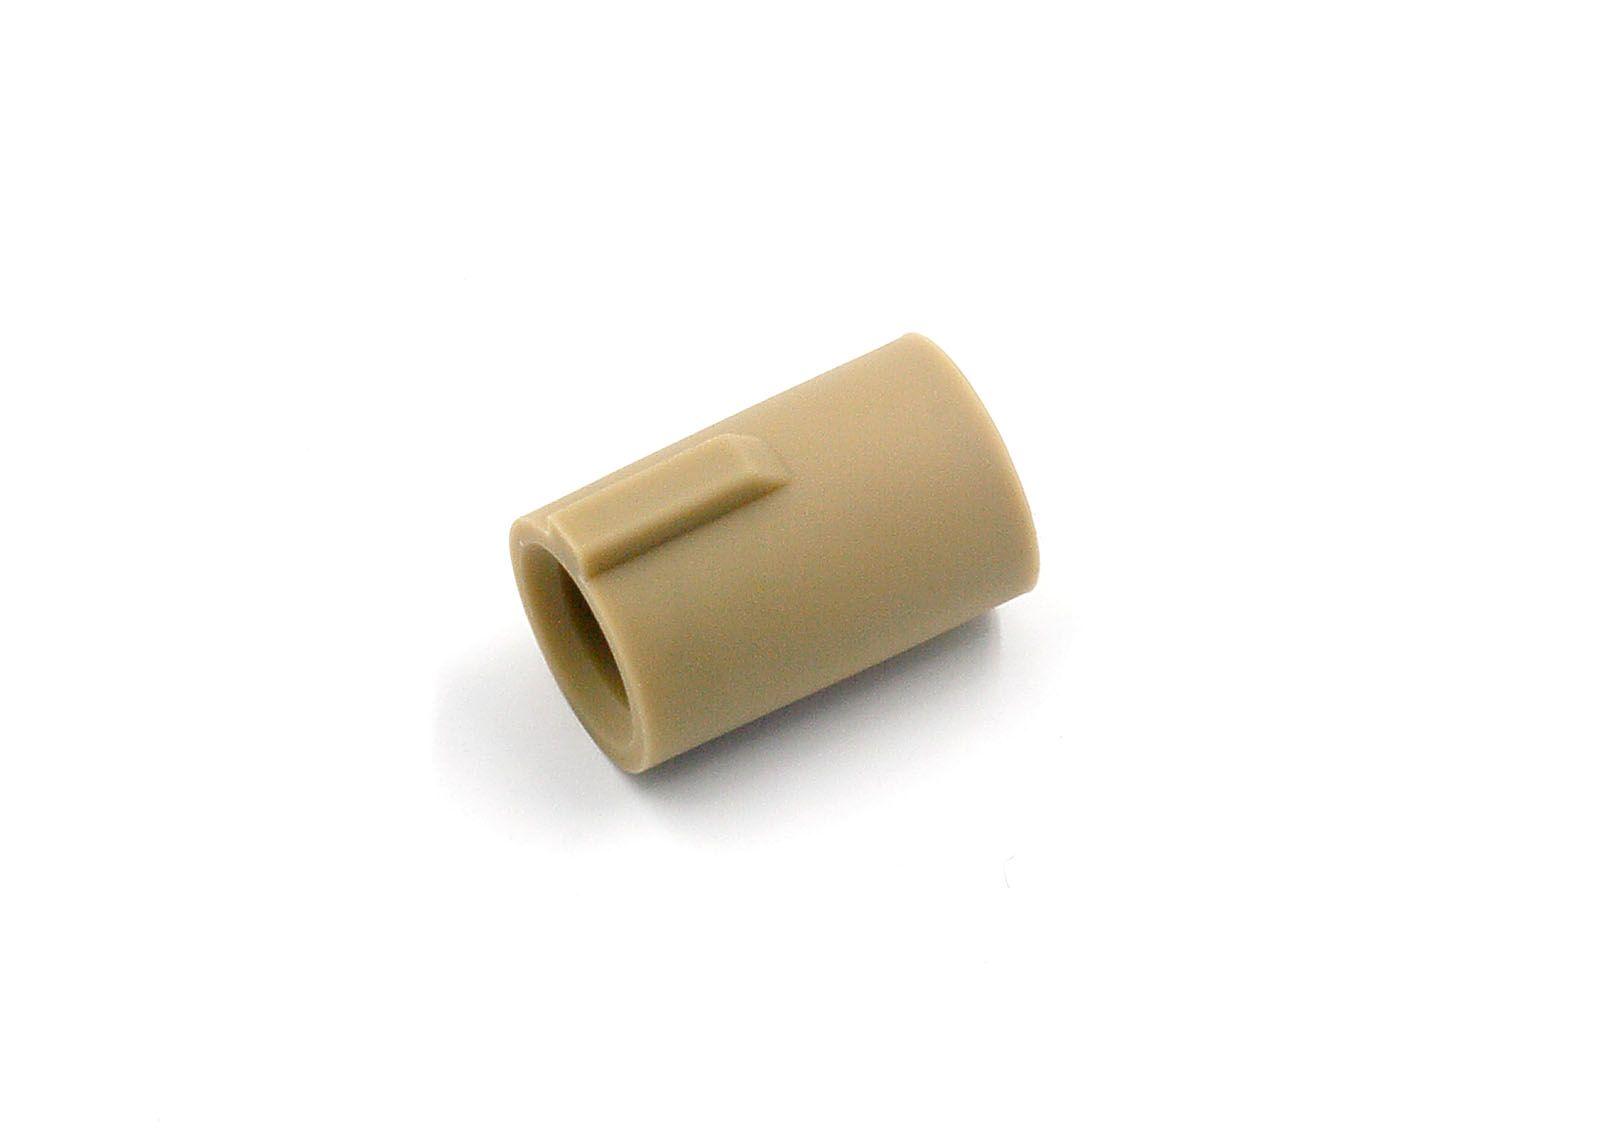 Bucking para GBB-Modify (Hi Capa / 1911 / SIG / MK23 / Glock e VSR-10)  - MAB AIRSOFT